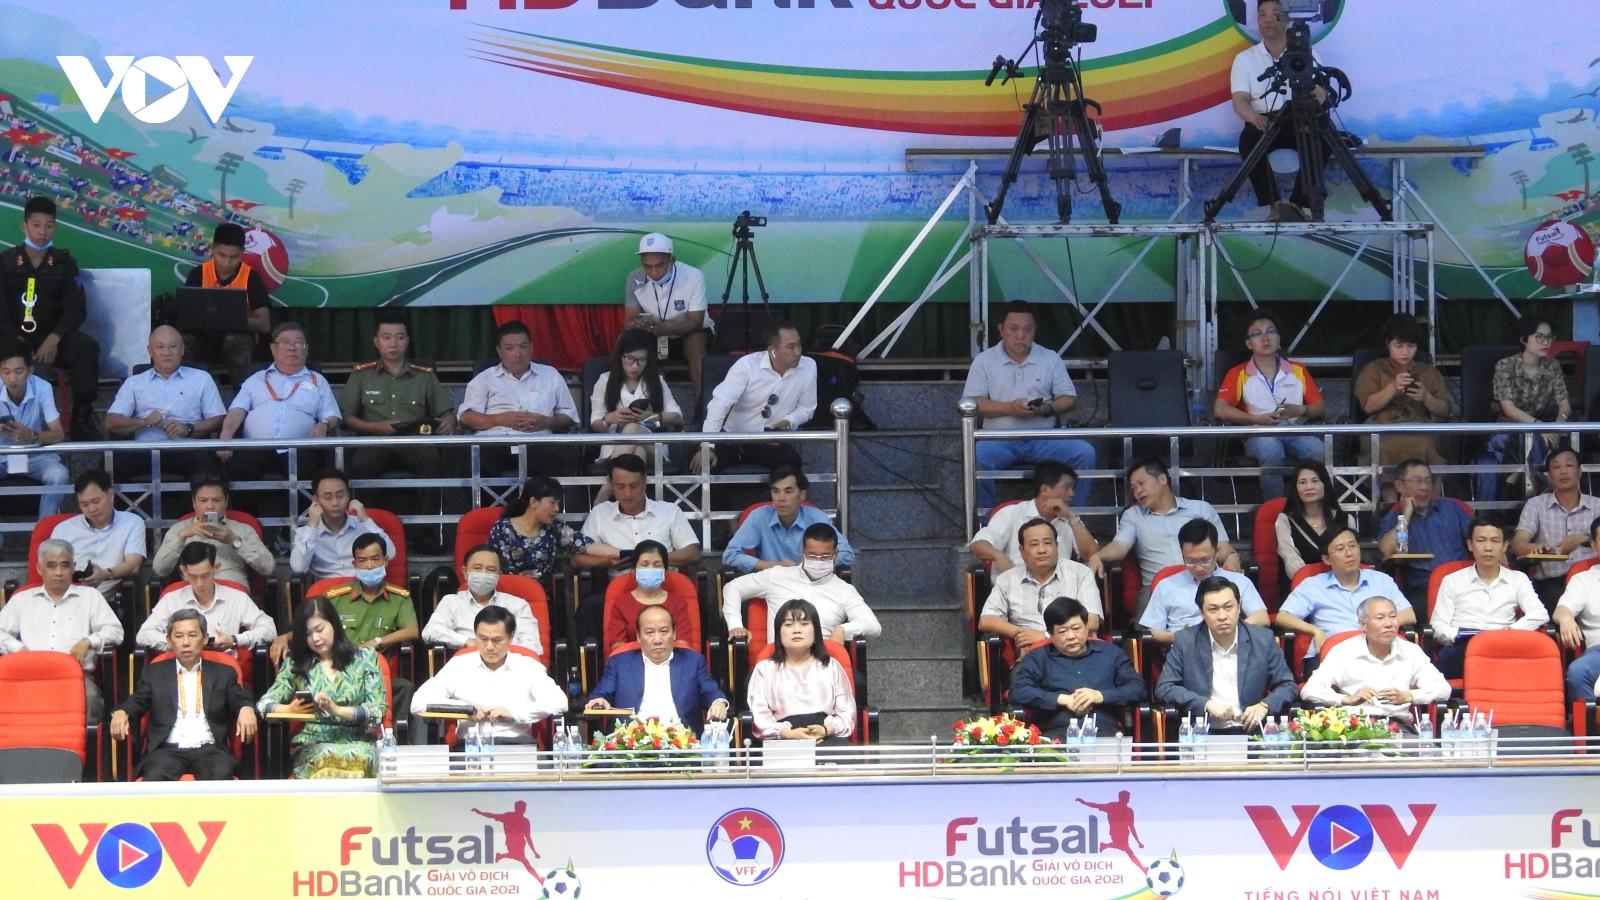 Khai mạc Giải Futsal HDBank VĐQG 2021 tại Đắk Lắk